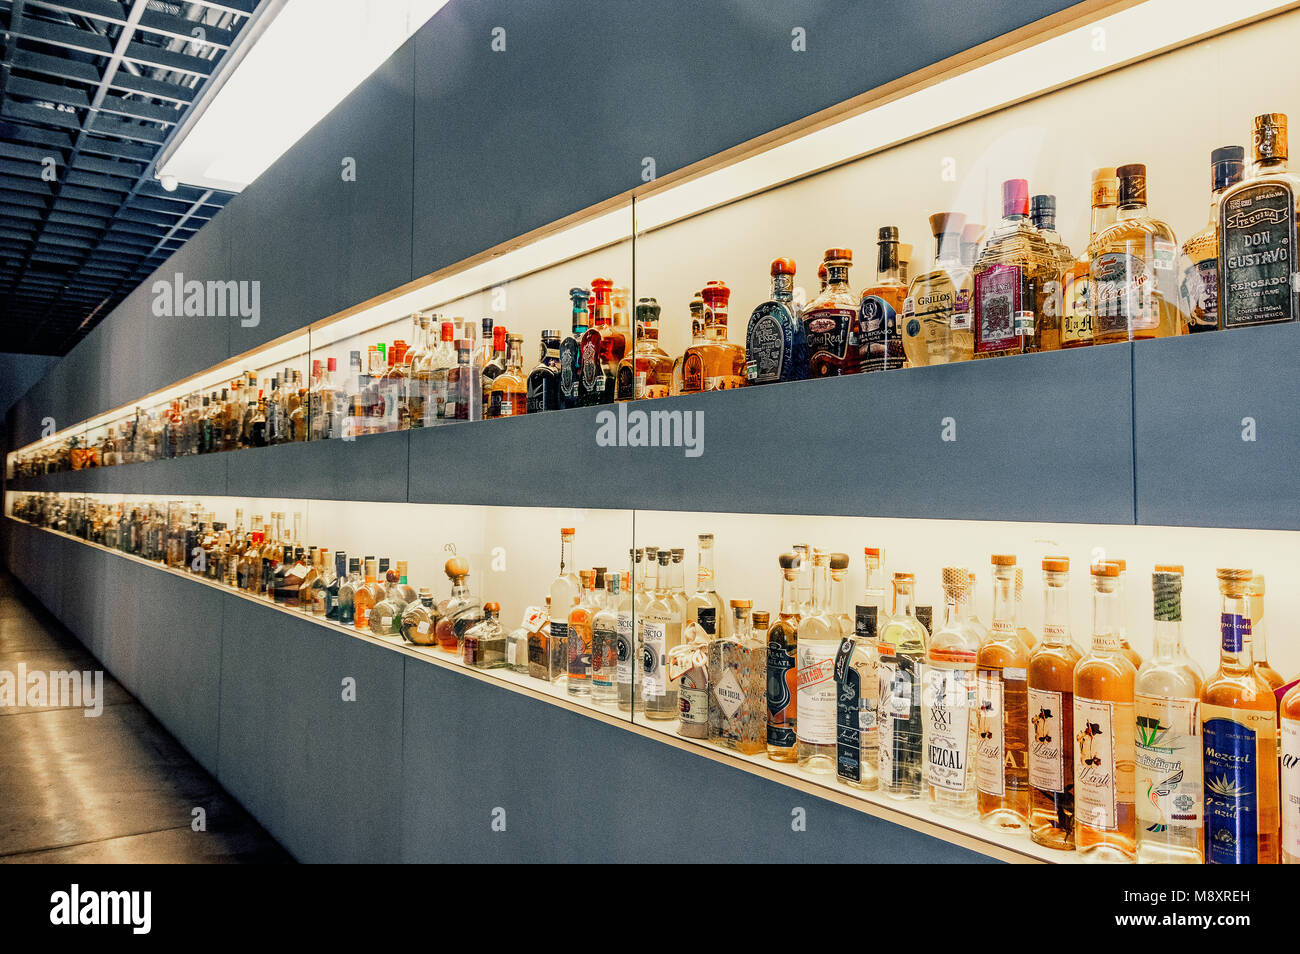 The museum of Tequila and Mezcal in Mexico City / El Museo del Tequila y el Mezcal en la ciudad de mexico Stock Photo